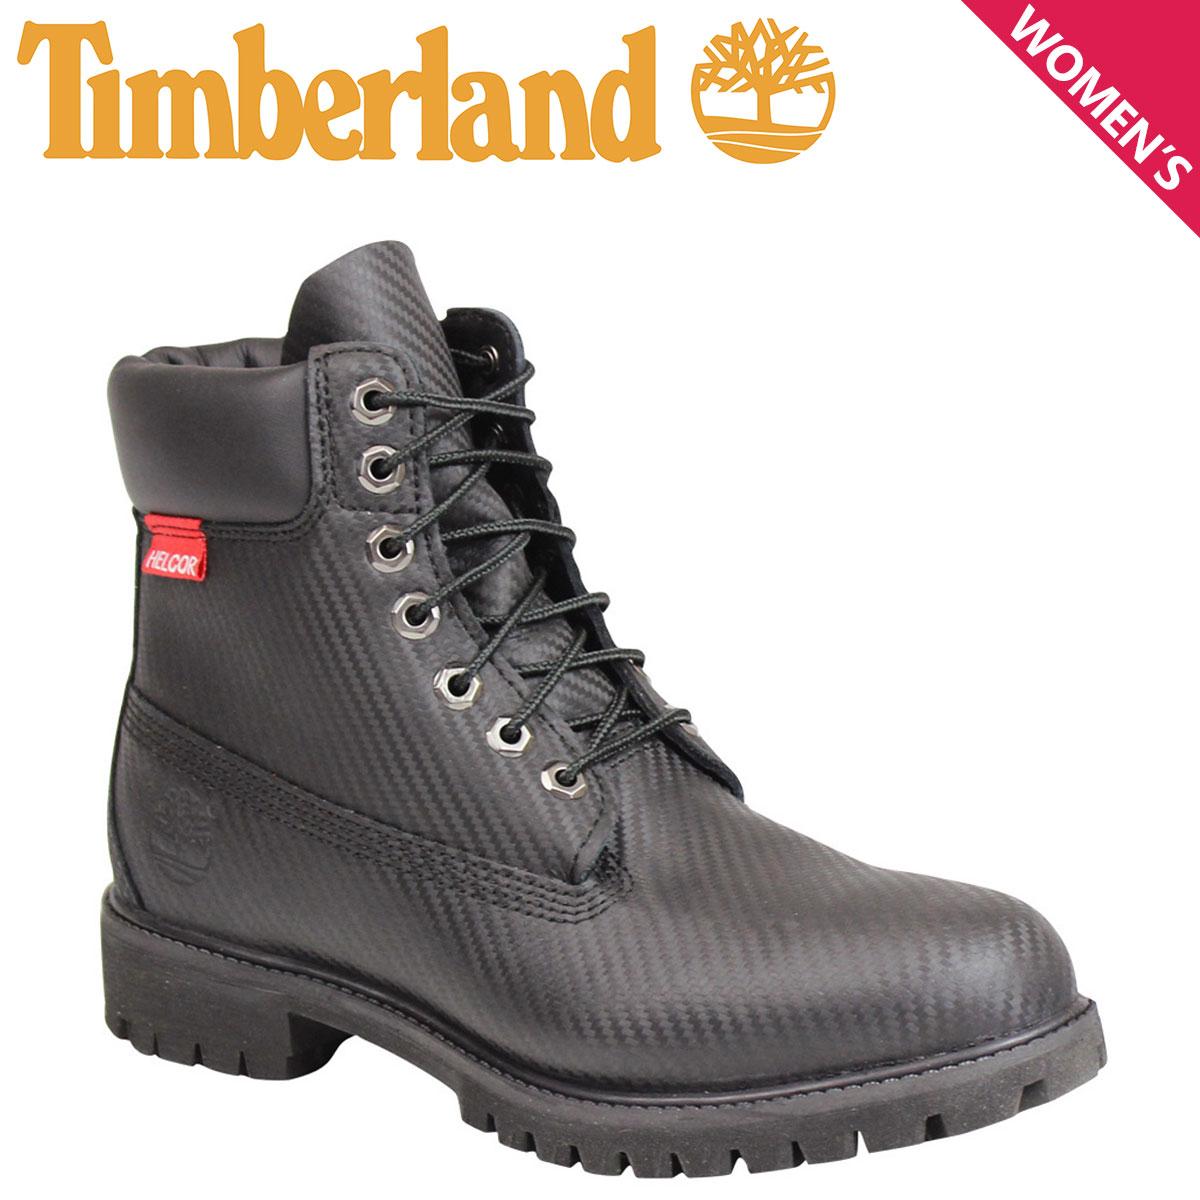 Timberland ティンバーランド 6 INCH PRM HELCOR CARBON FIBER BOOT ブーツ 6インチ プレミアム ヘルカー カーボンファイバー 6605A Wワイズ ブラック メンズ